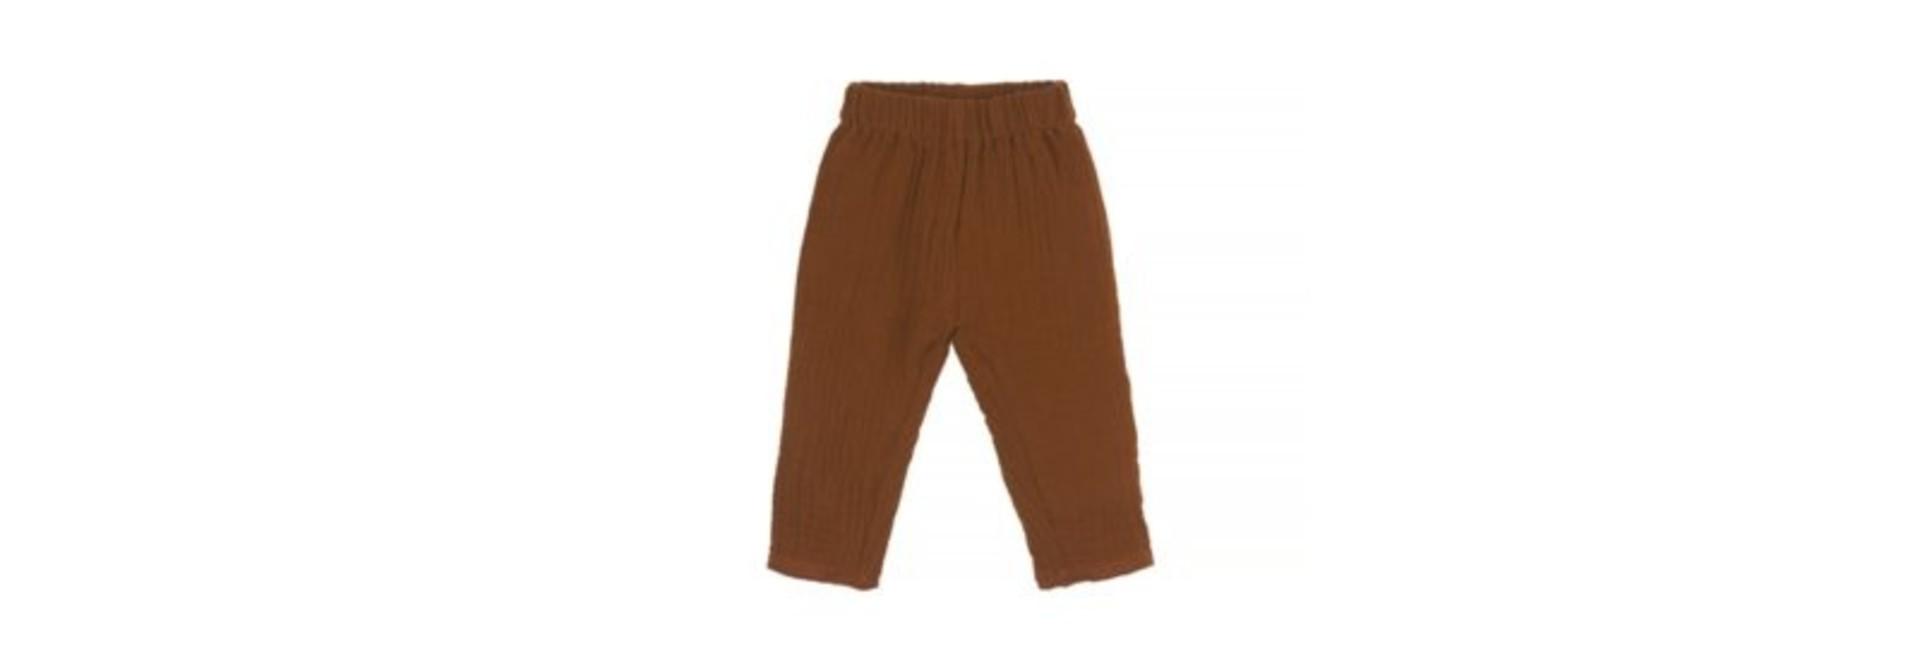 Baby mousseline pants - caramel